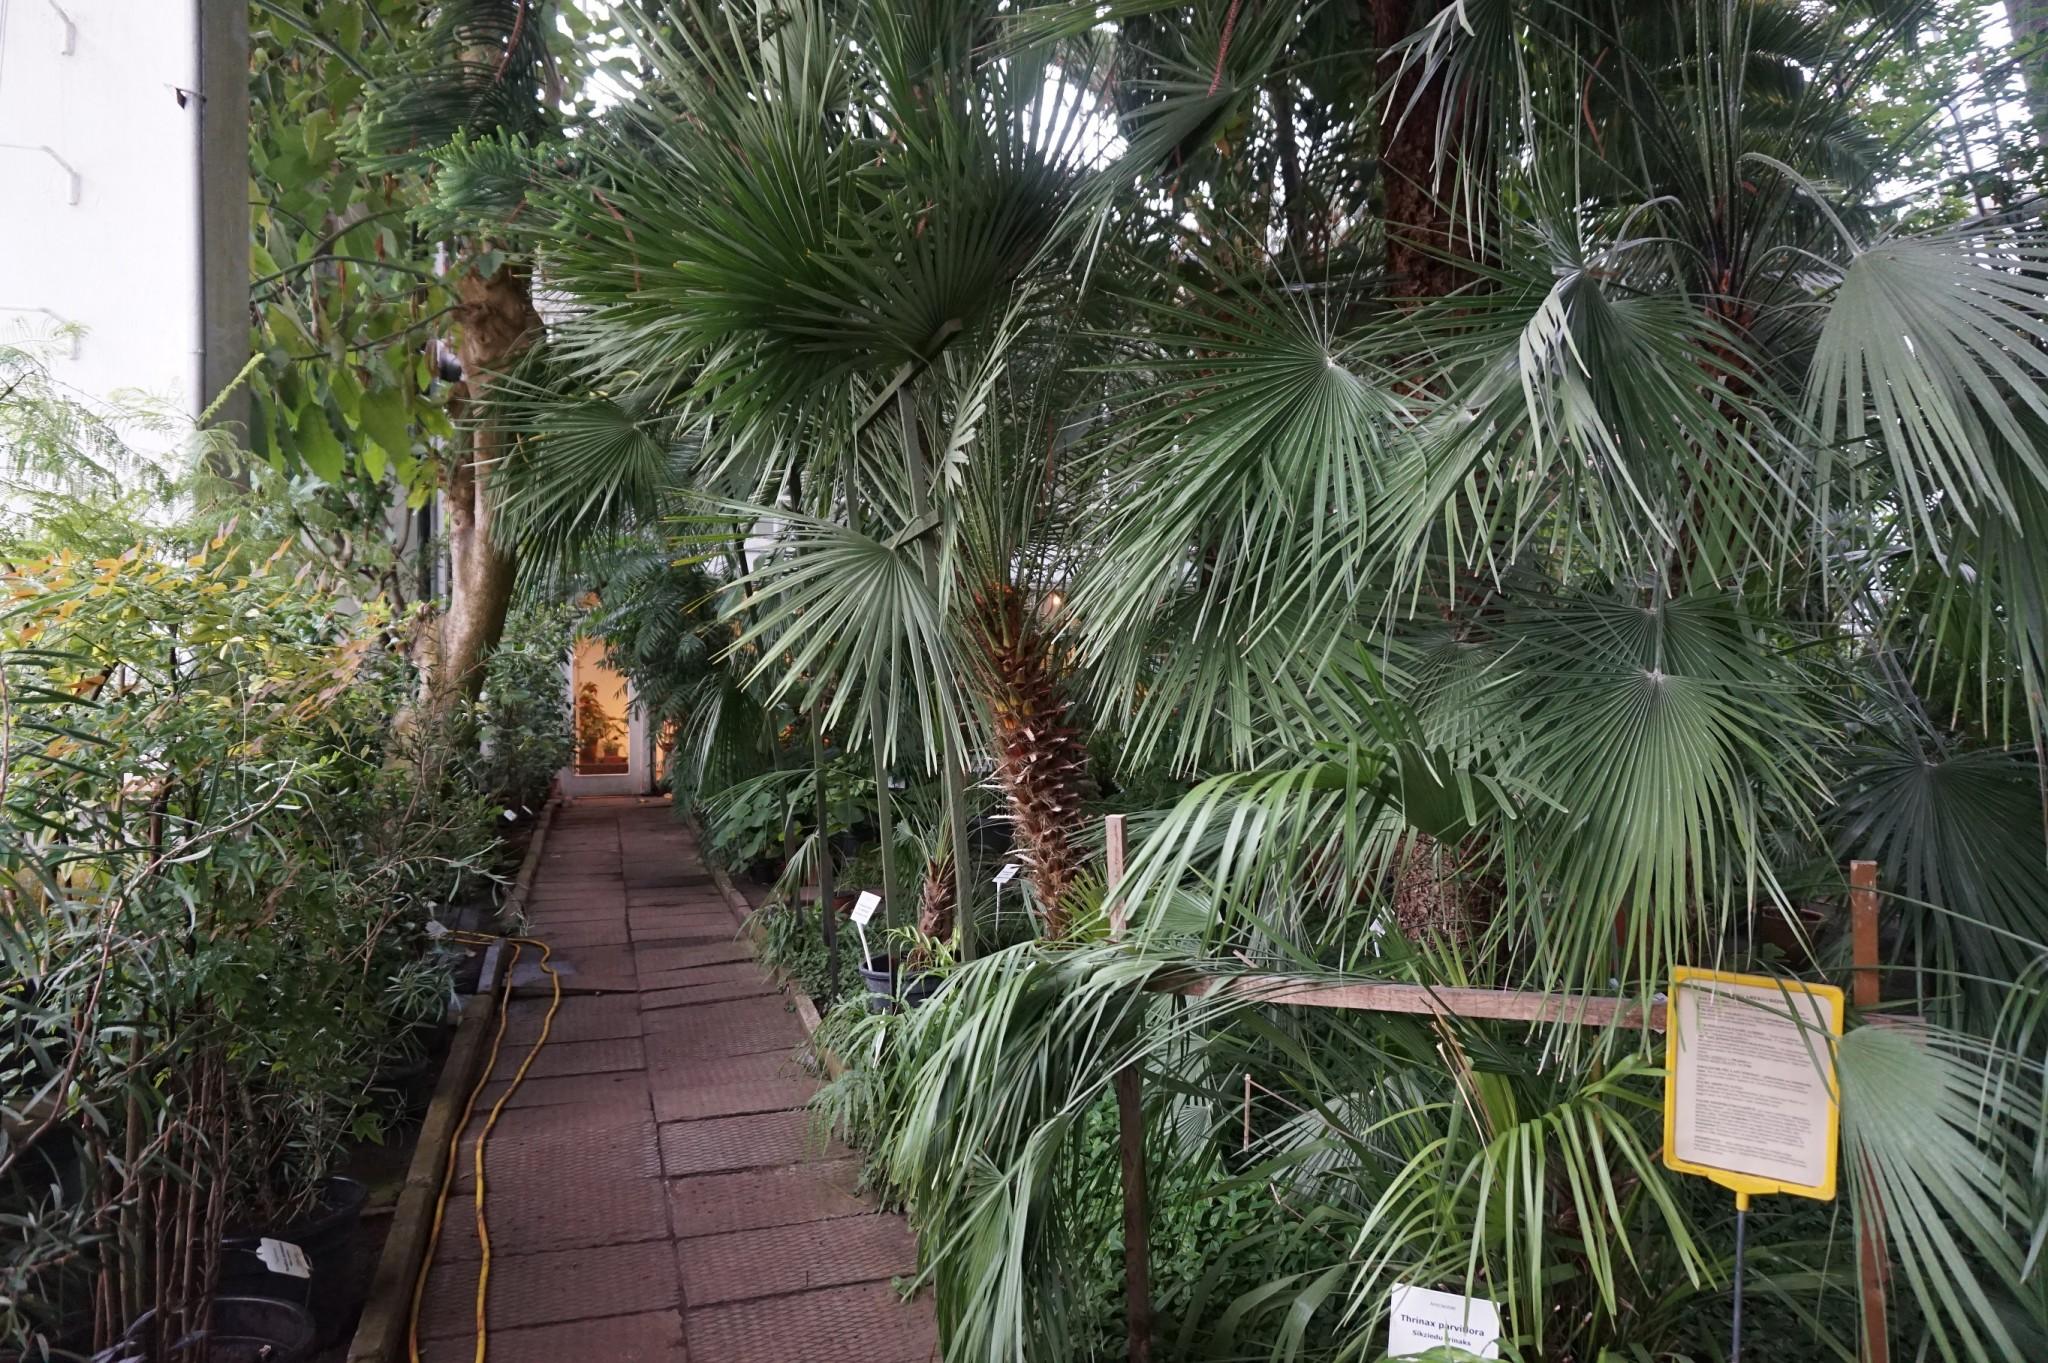 Sateisen päivän pelasti myös katettu puutarha. Sisätiloissa pystyi nauttimaan trooppisemmista kasveista ilman kastumisen vaaraa.